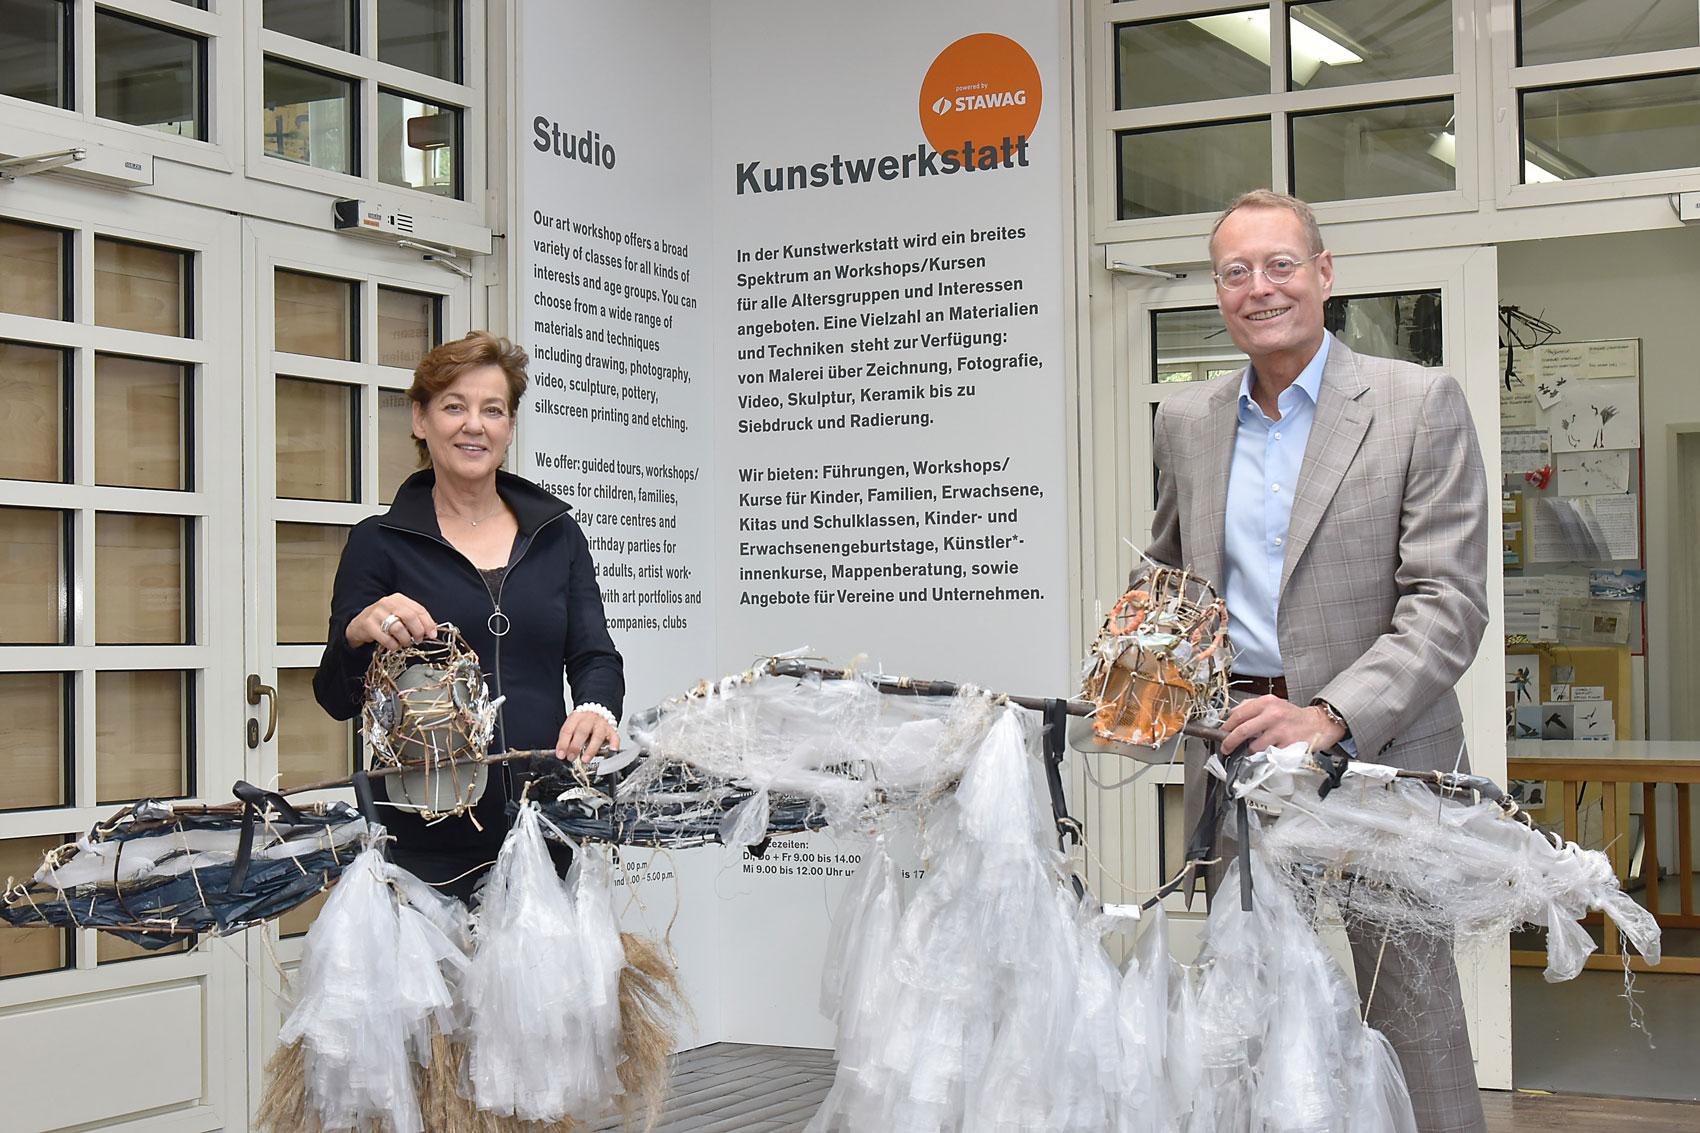 Kulturdezernentin Susanne Schwier und STAWAG-Vorstand Dr. Christian Becker (Foto: Stadt Aachen)